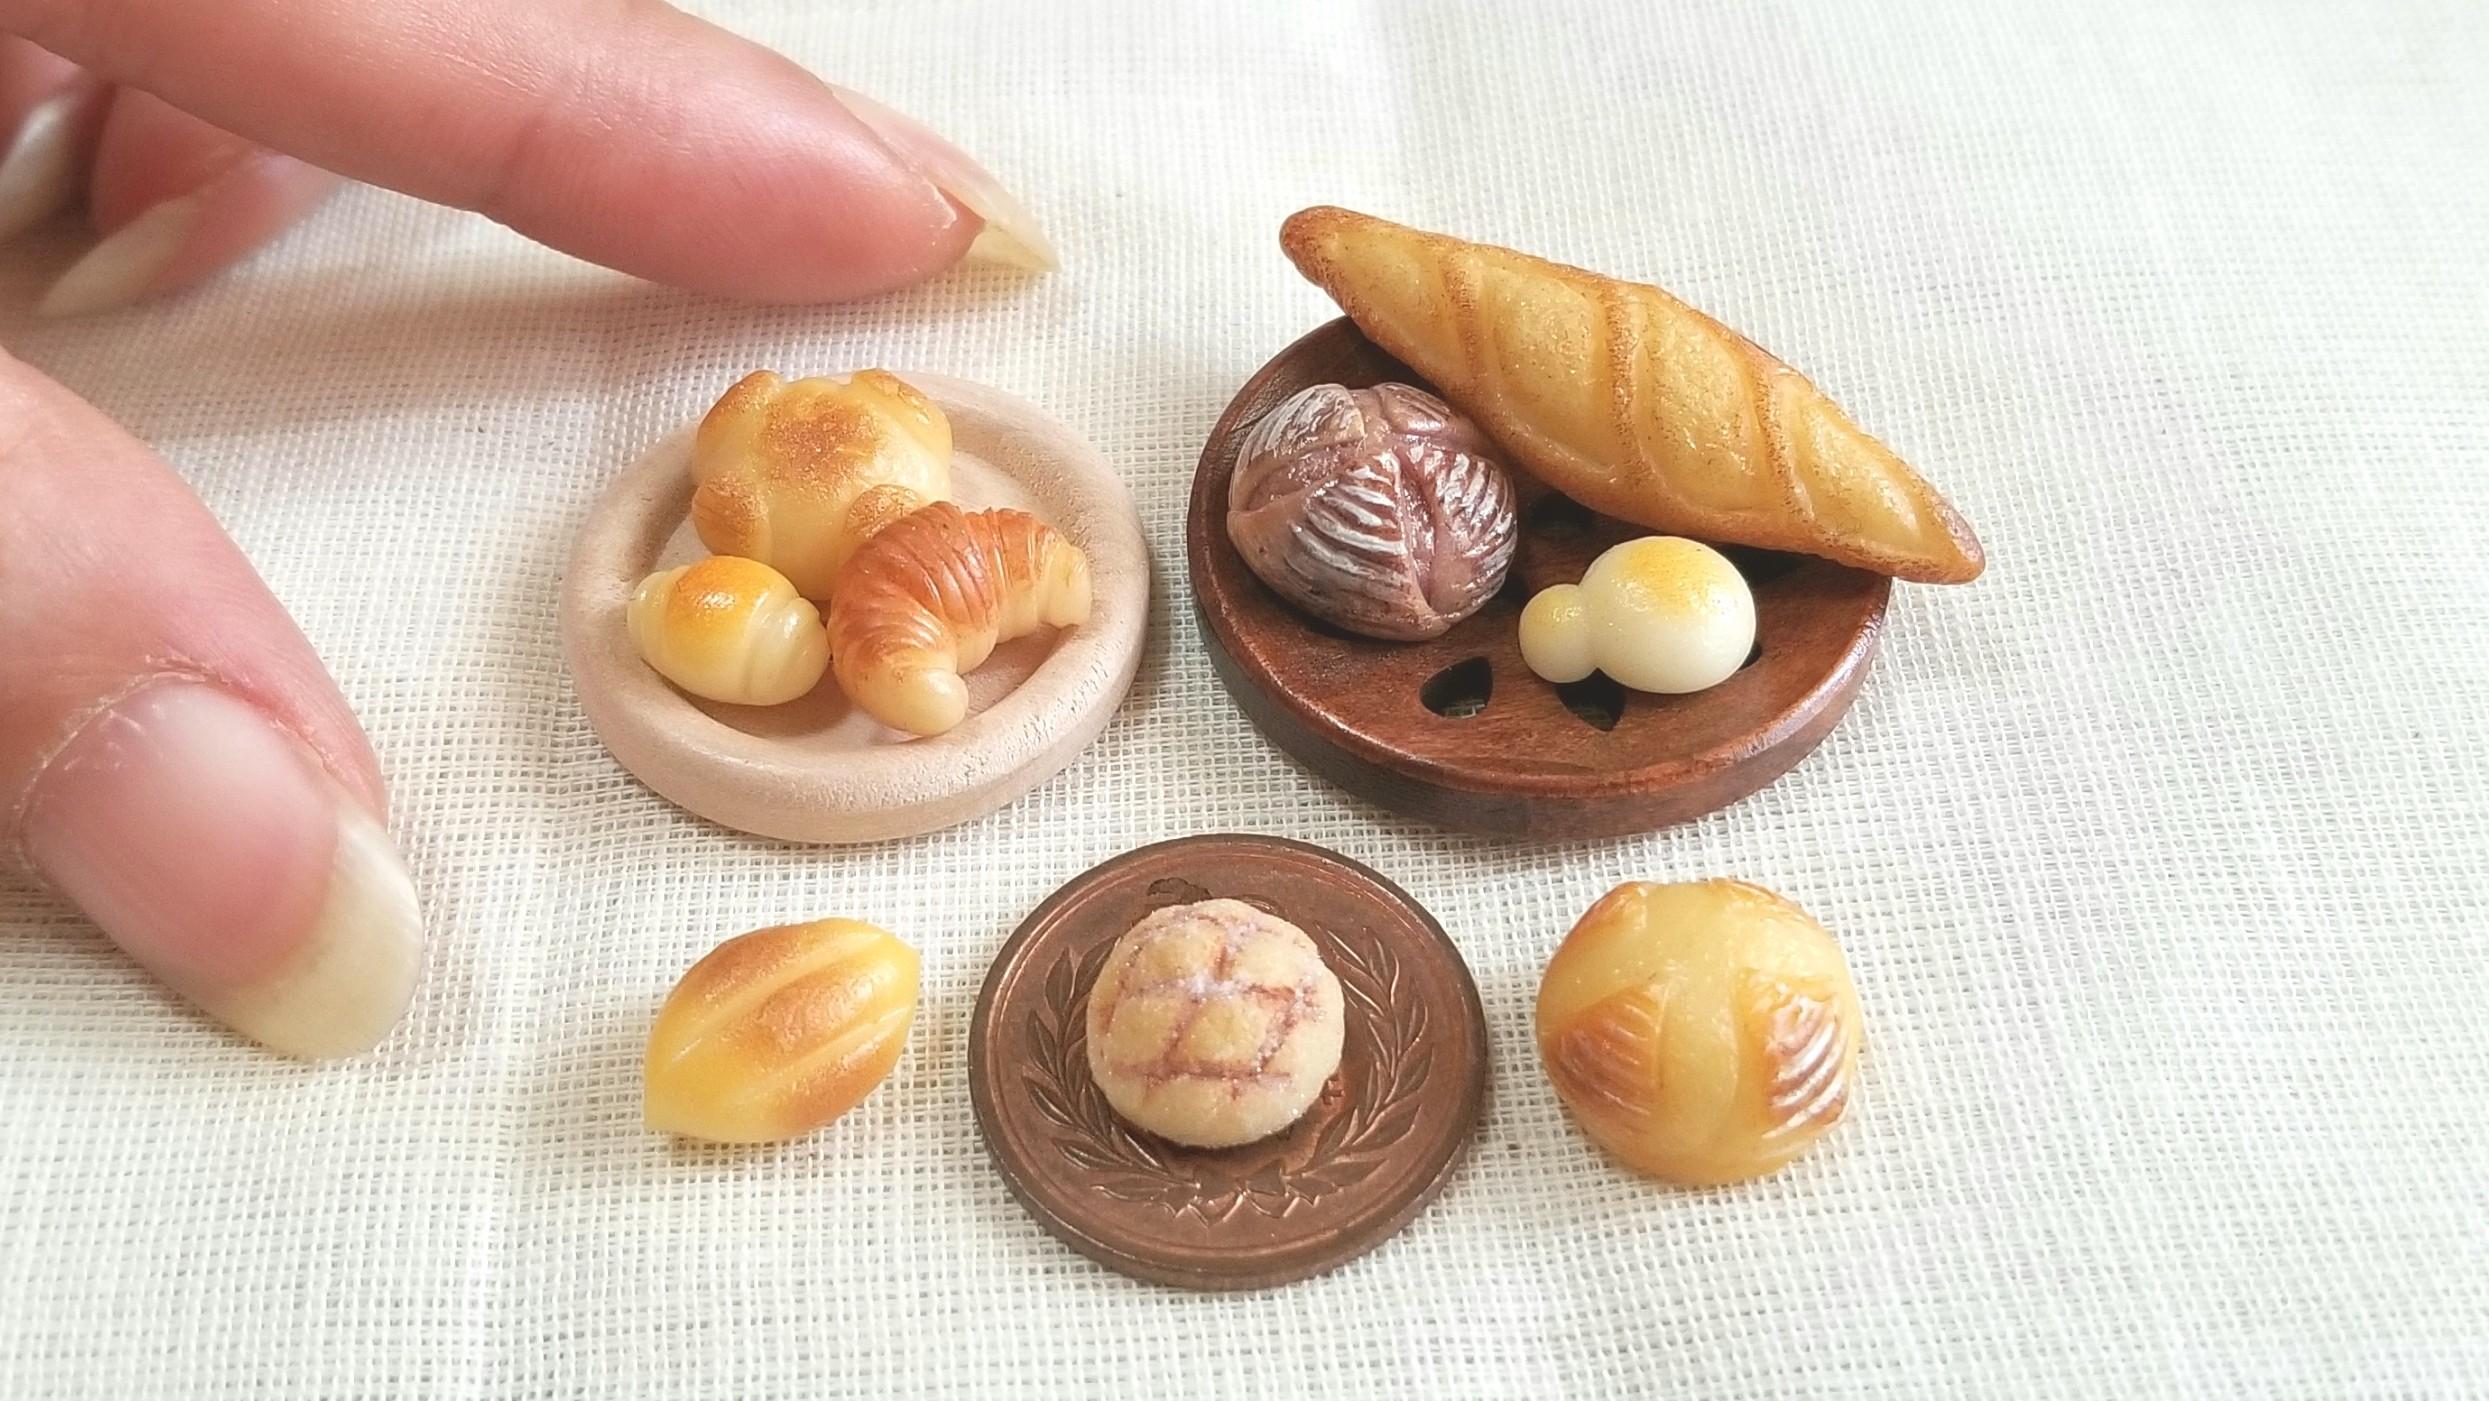 ミニチュアフード,選べる美味しいパン屋,カンパーニュ,ミンネで販売